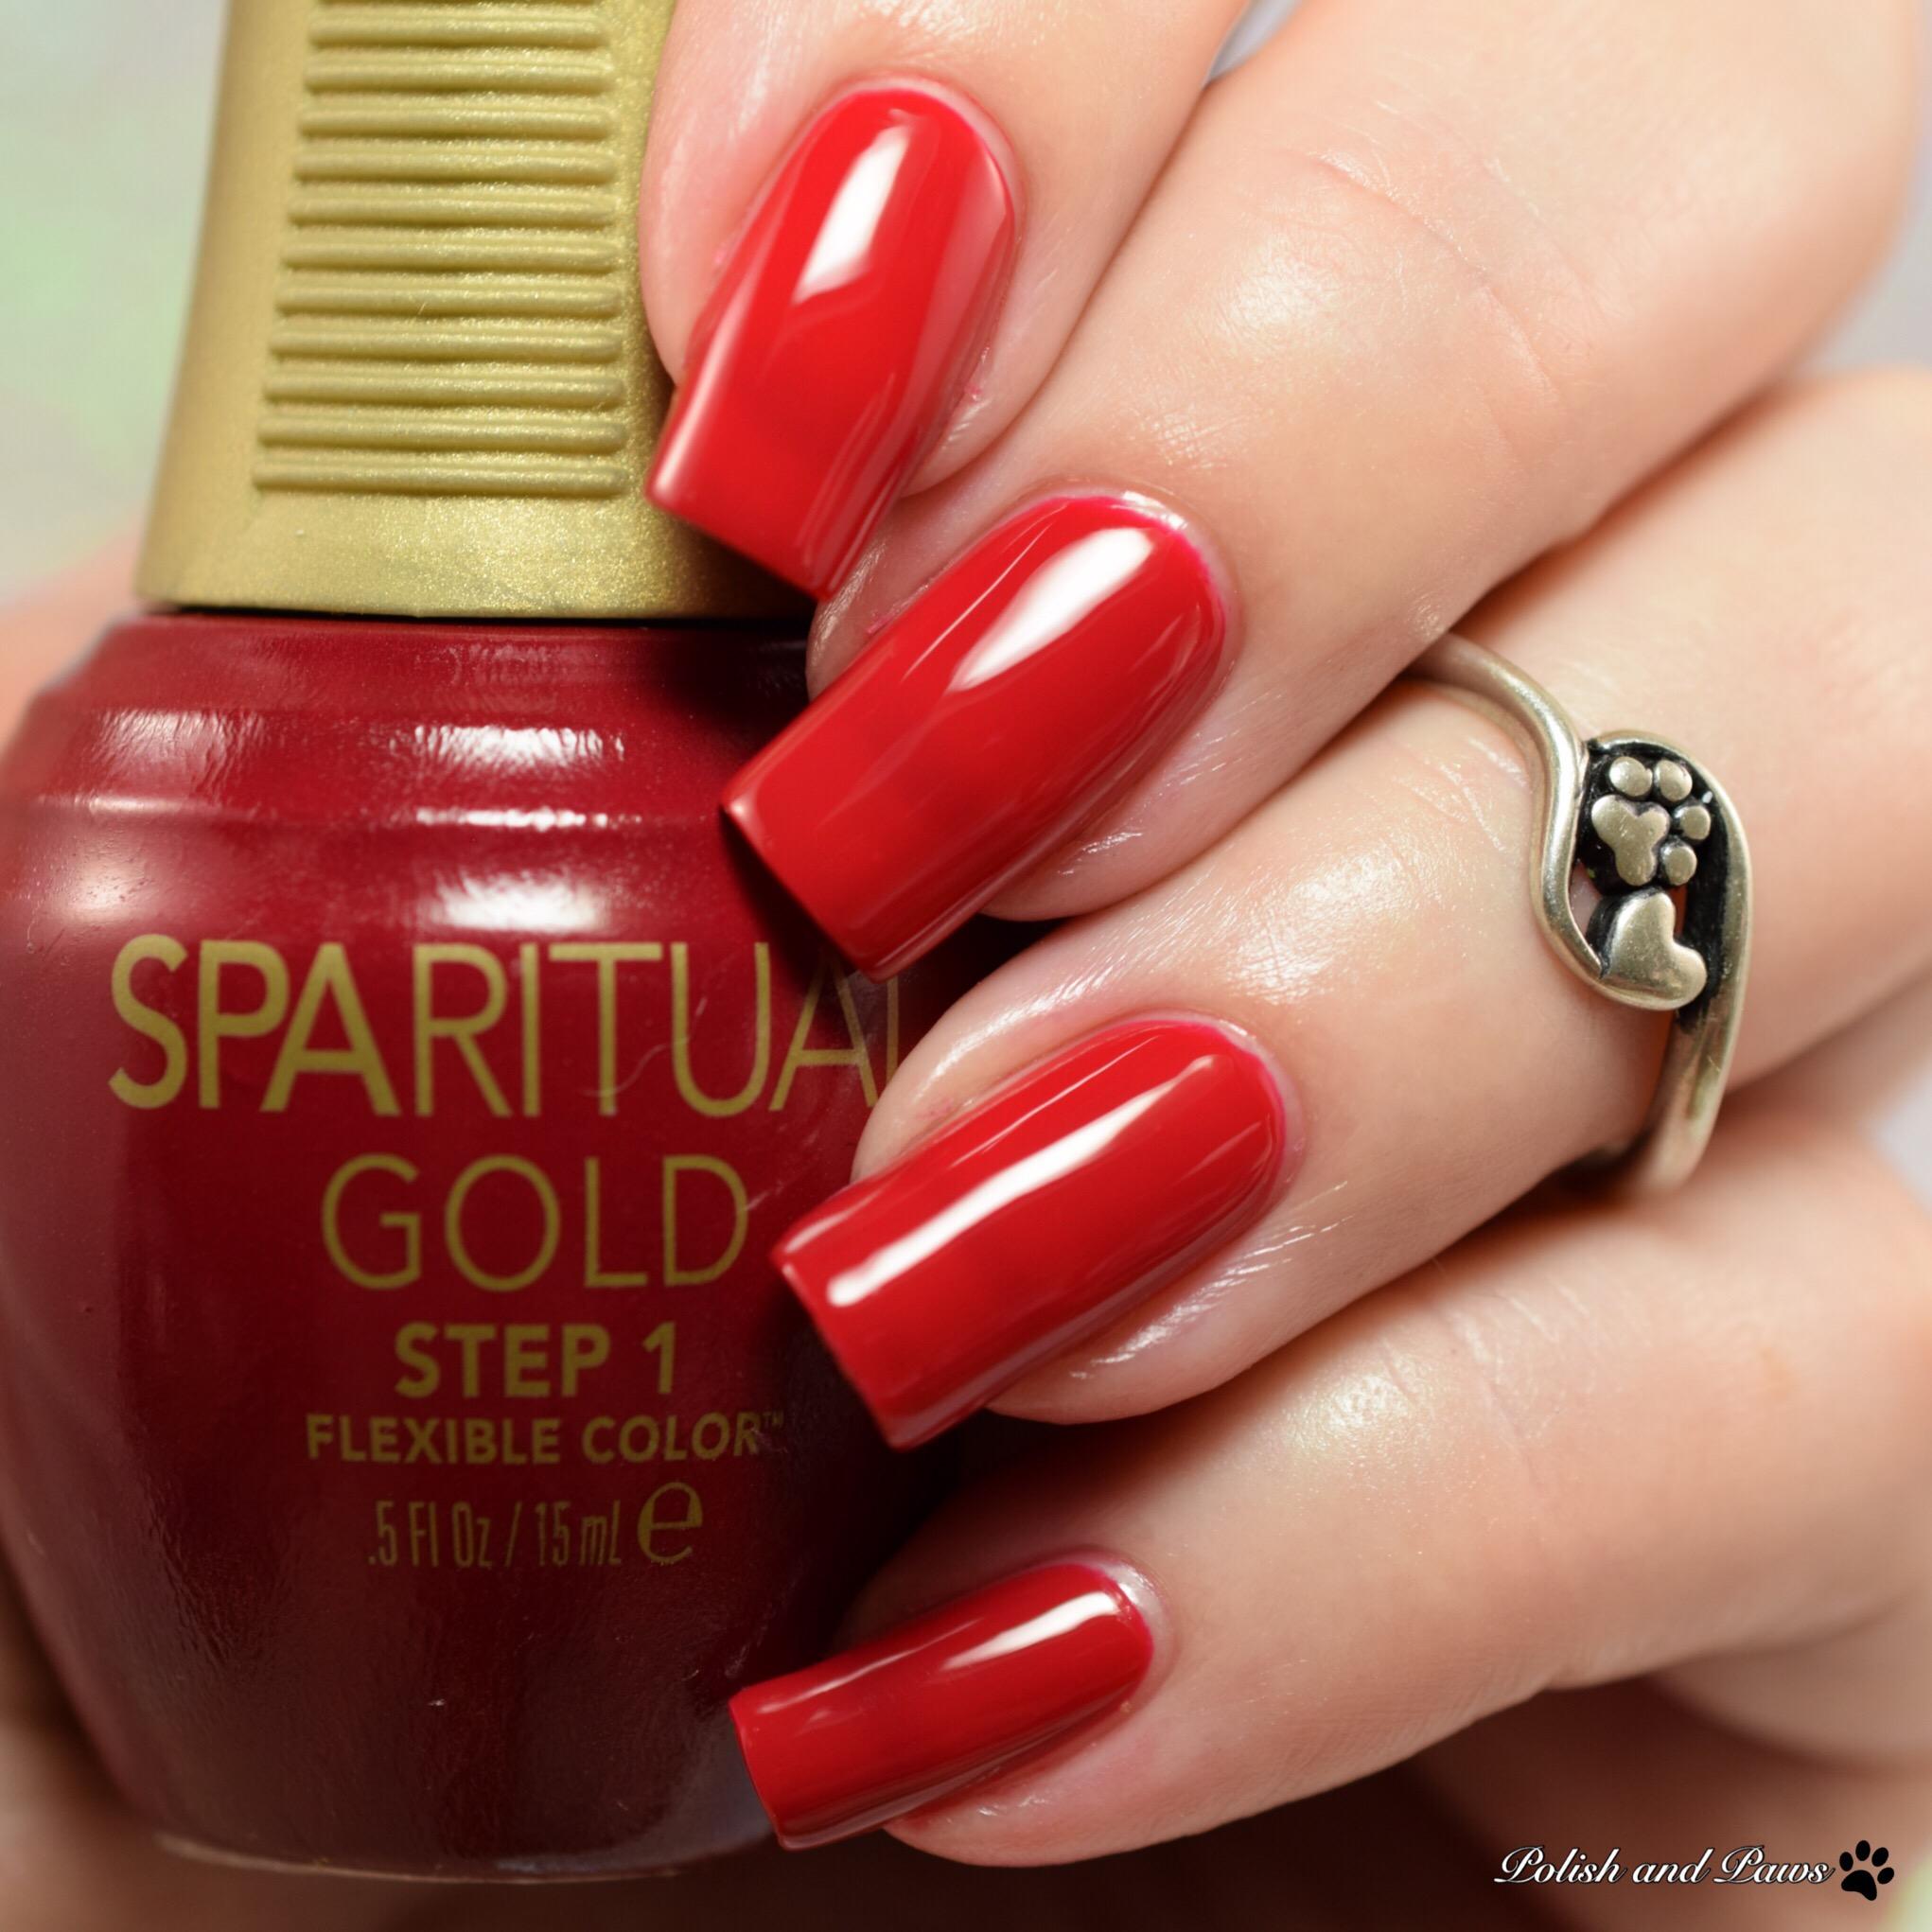 SpaRitual Gold Unite